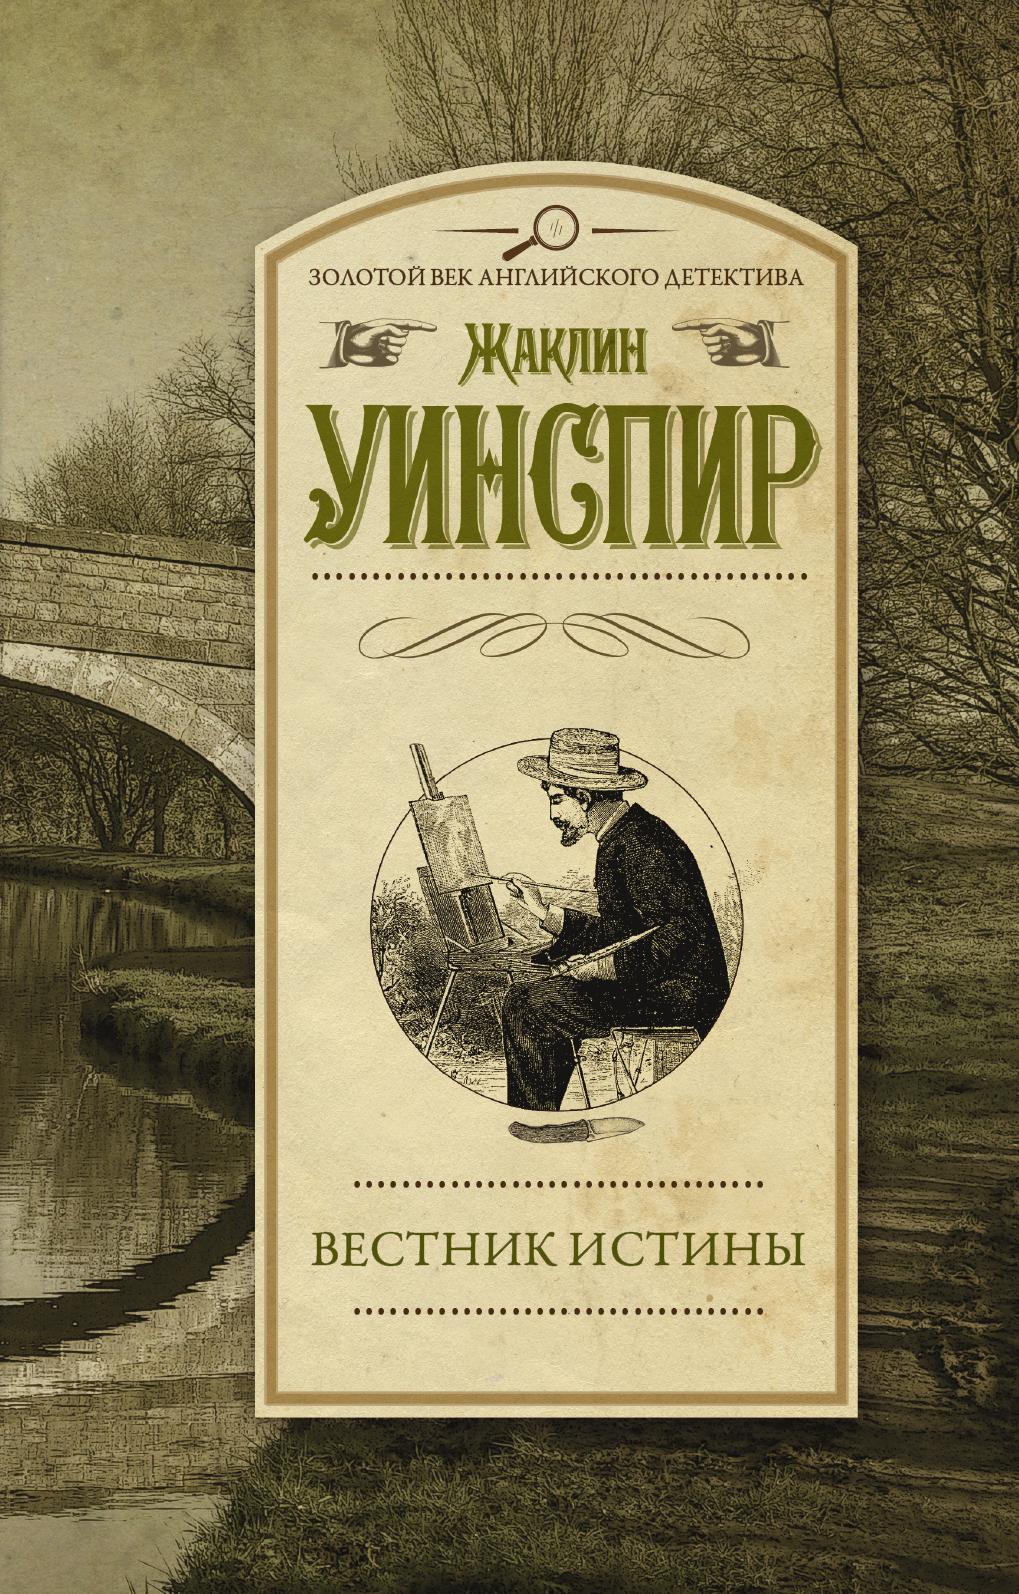 купить Жаклин Уинспир Вестник истины по цене 117 рублей